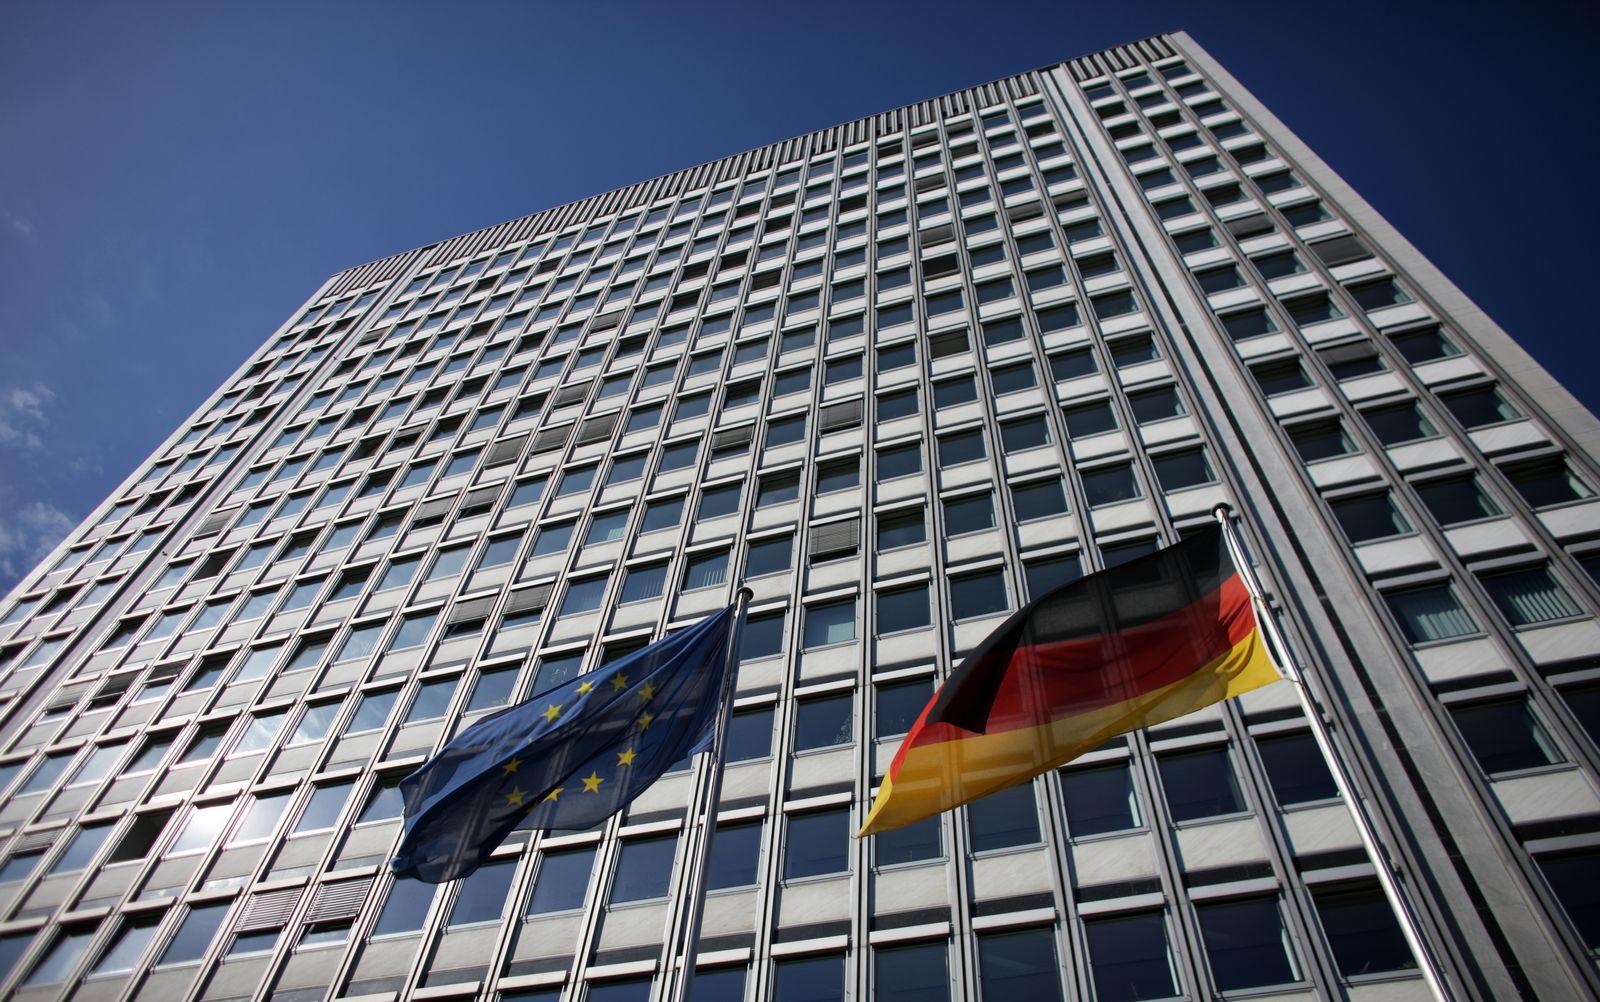 Bundesnetzagentur / Berlin